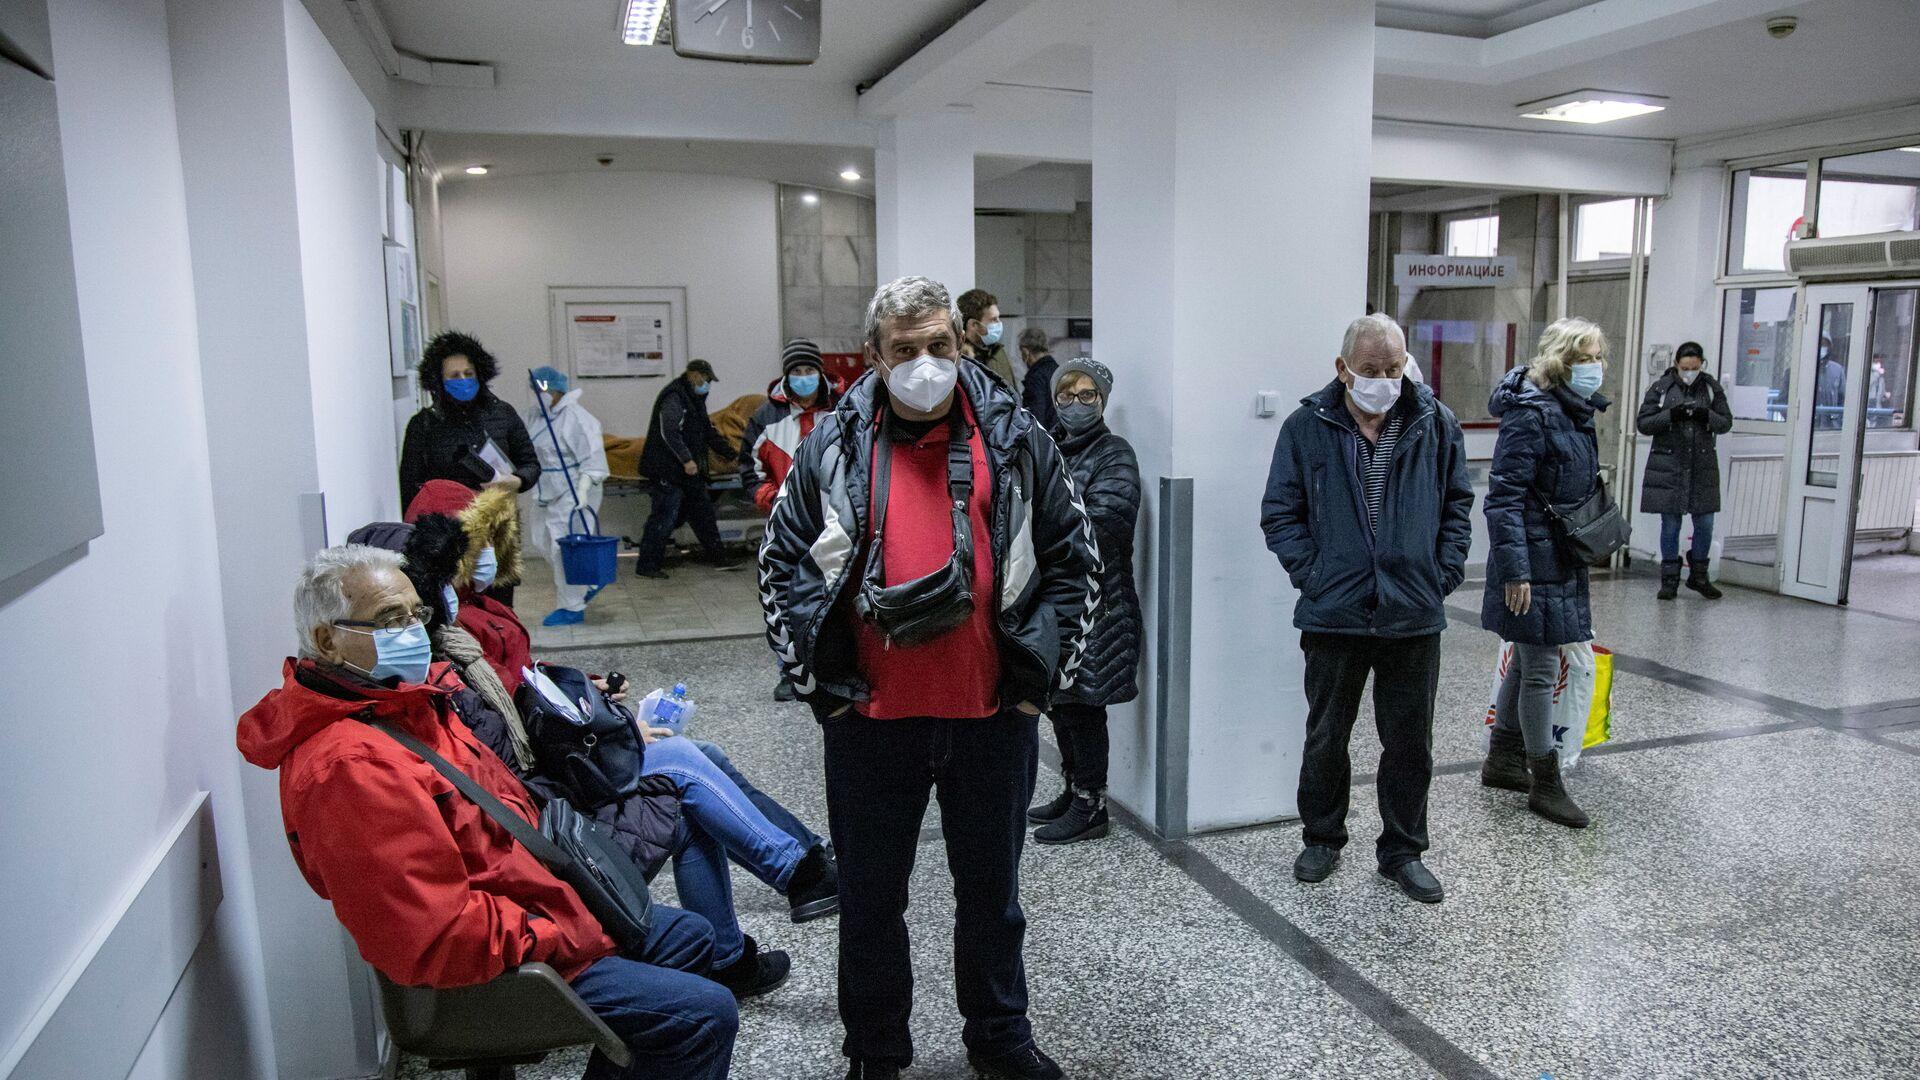 Ljudi čekaju testiranje na virus korona u Kliničko-bolničkom centru Zemun u Beogradu, Srbija, 26. novembra 2020.  - Sputnik Srbija, 1920, 13.10.2021